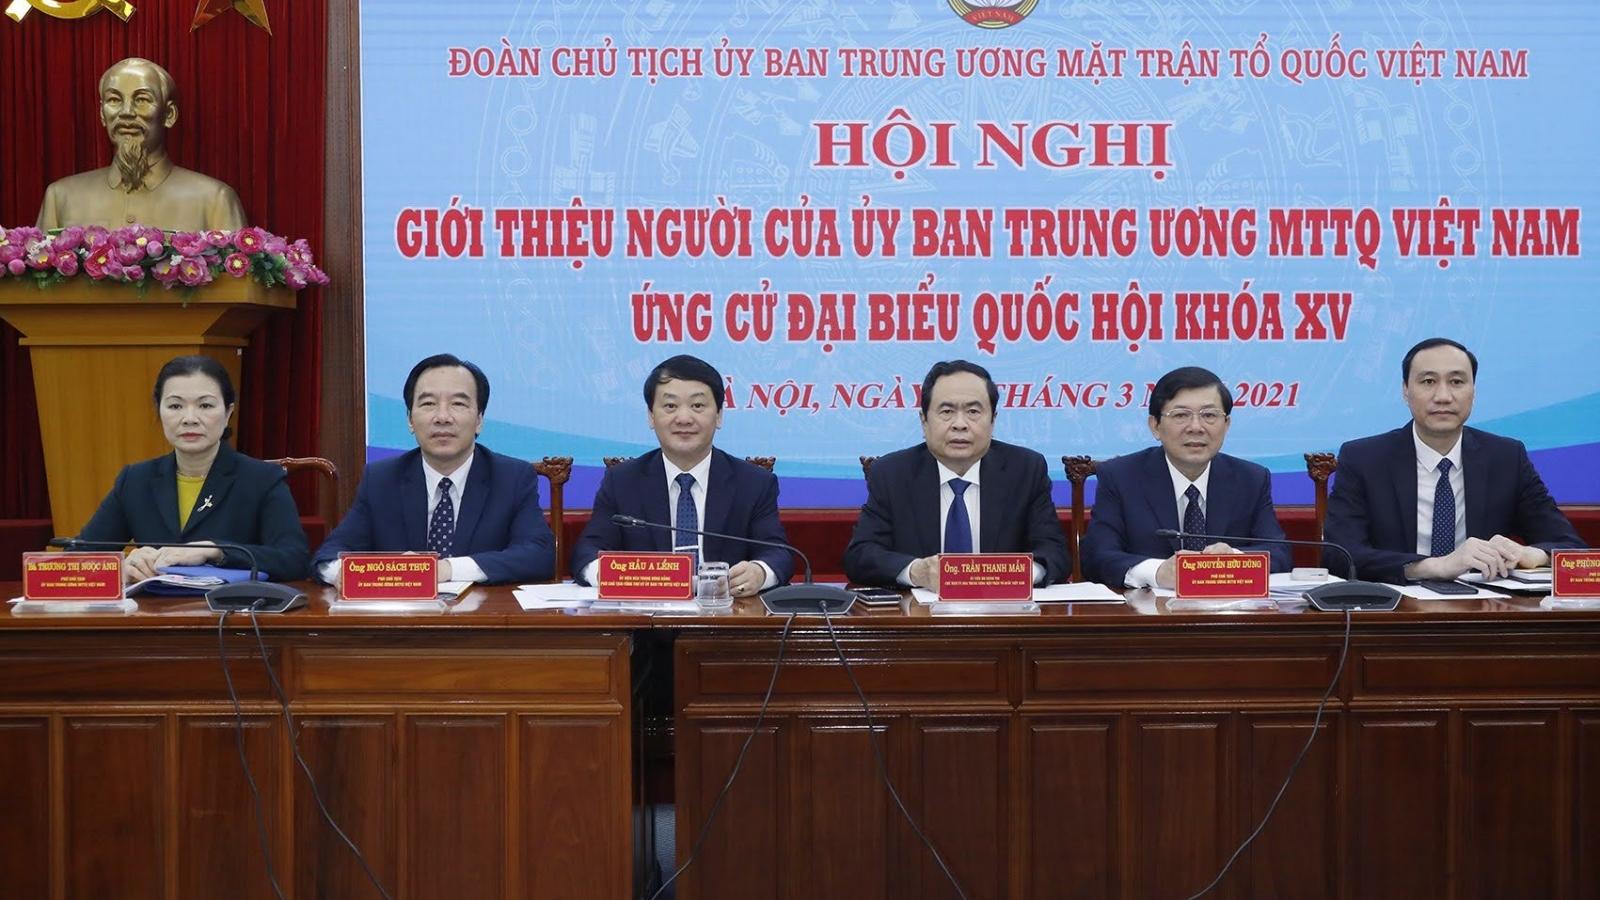 MTTQ Việt Nam giới thiệu 4 người ứng cử Đại biểu Quốc hội khóa XV